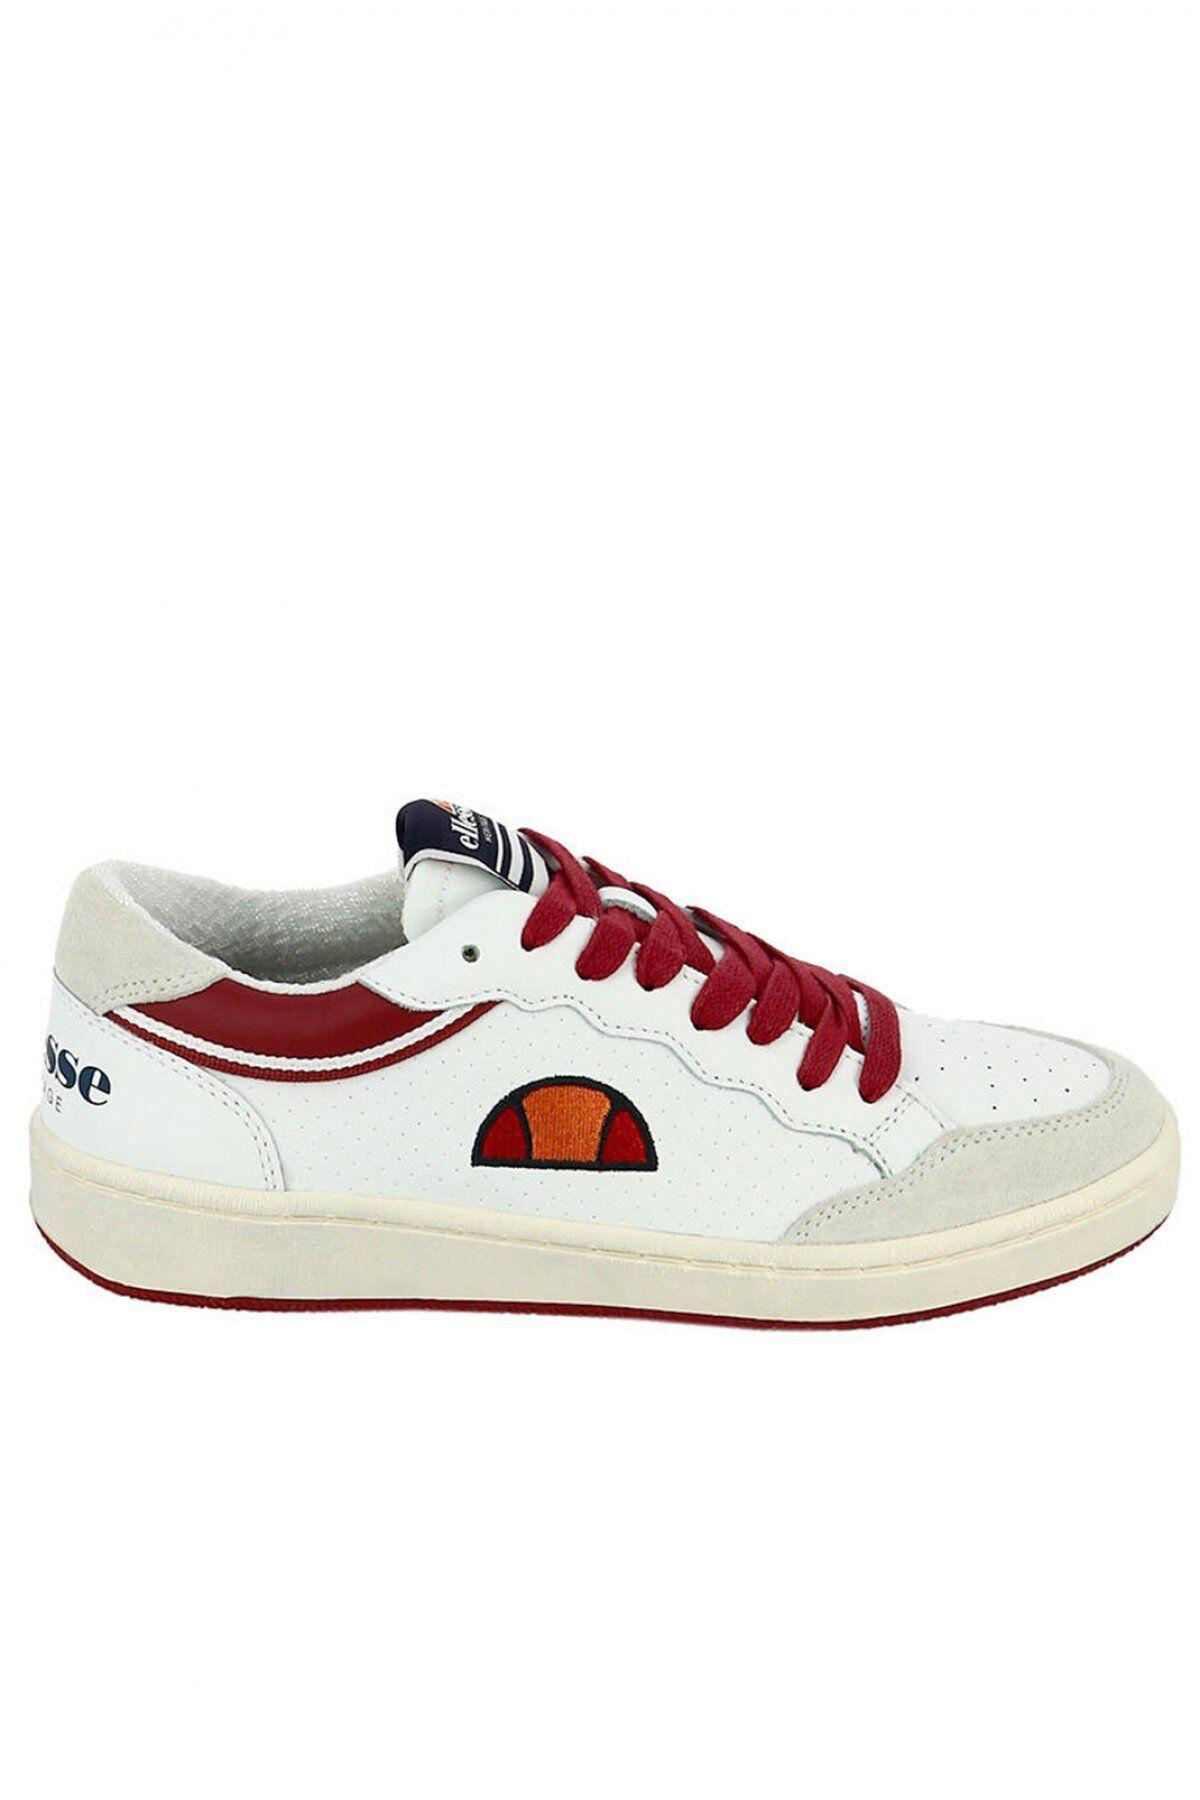 Ellesse Sneakers Cuir Bicolores Logo Brodé  -  Ellesse